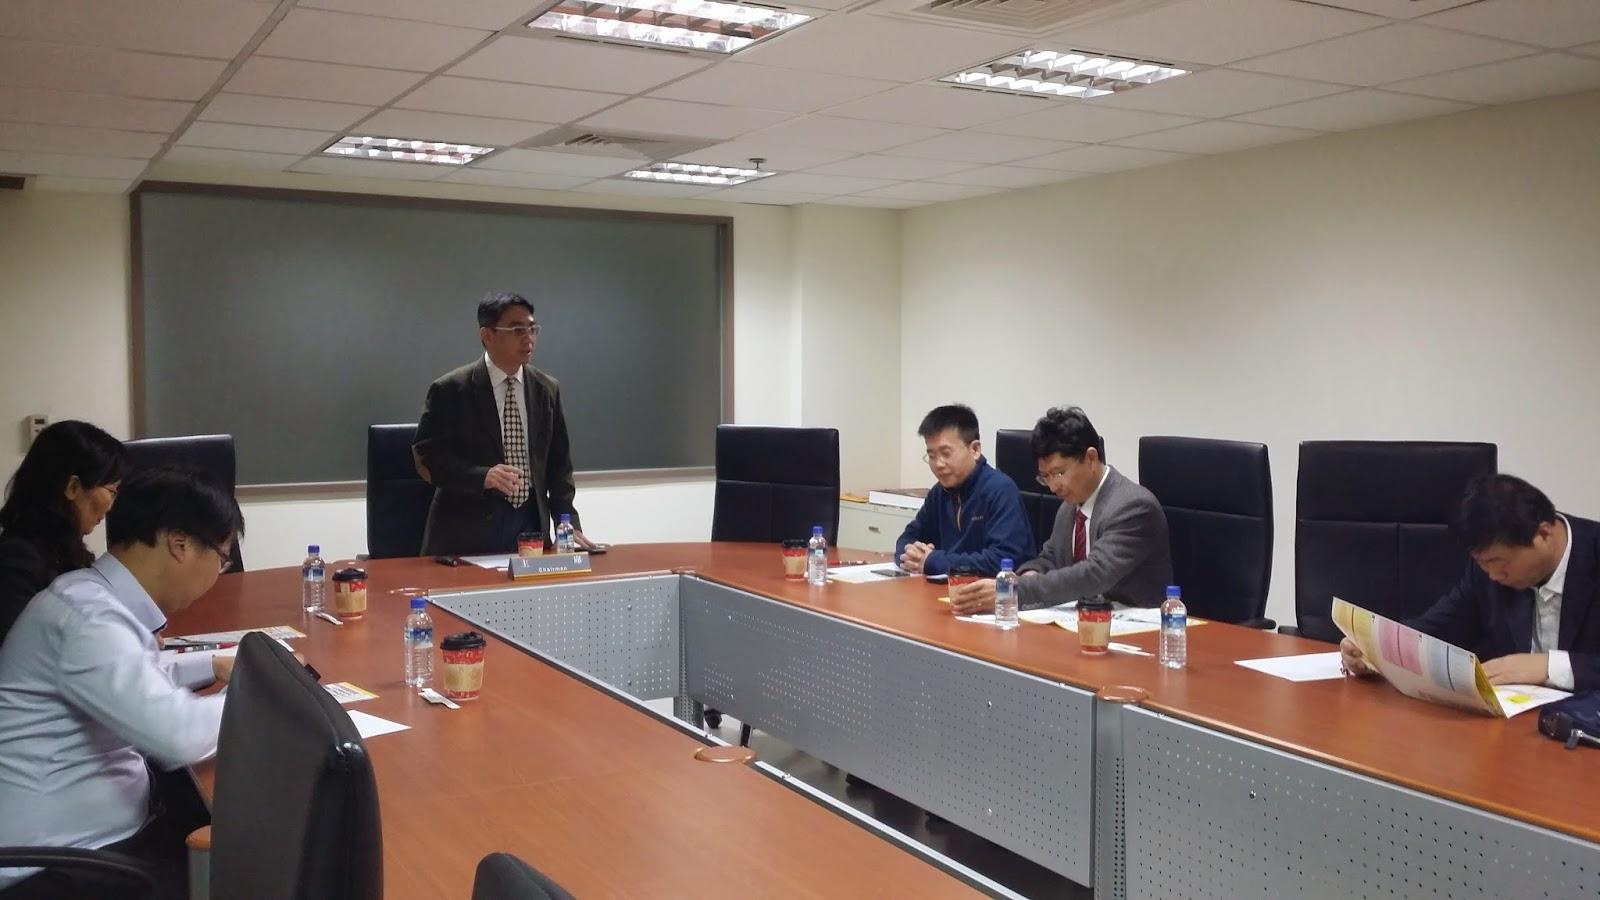 江西省企業家協會訪問團